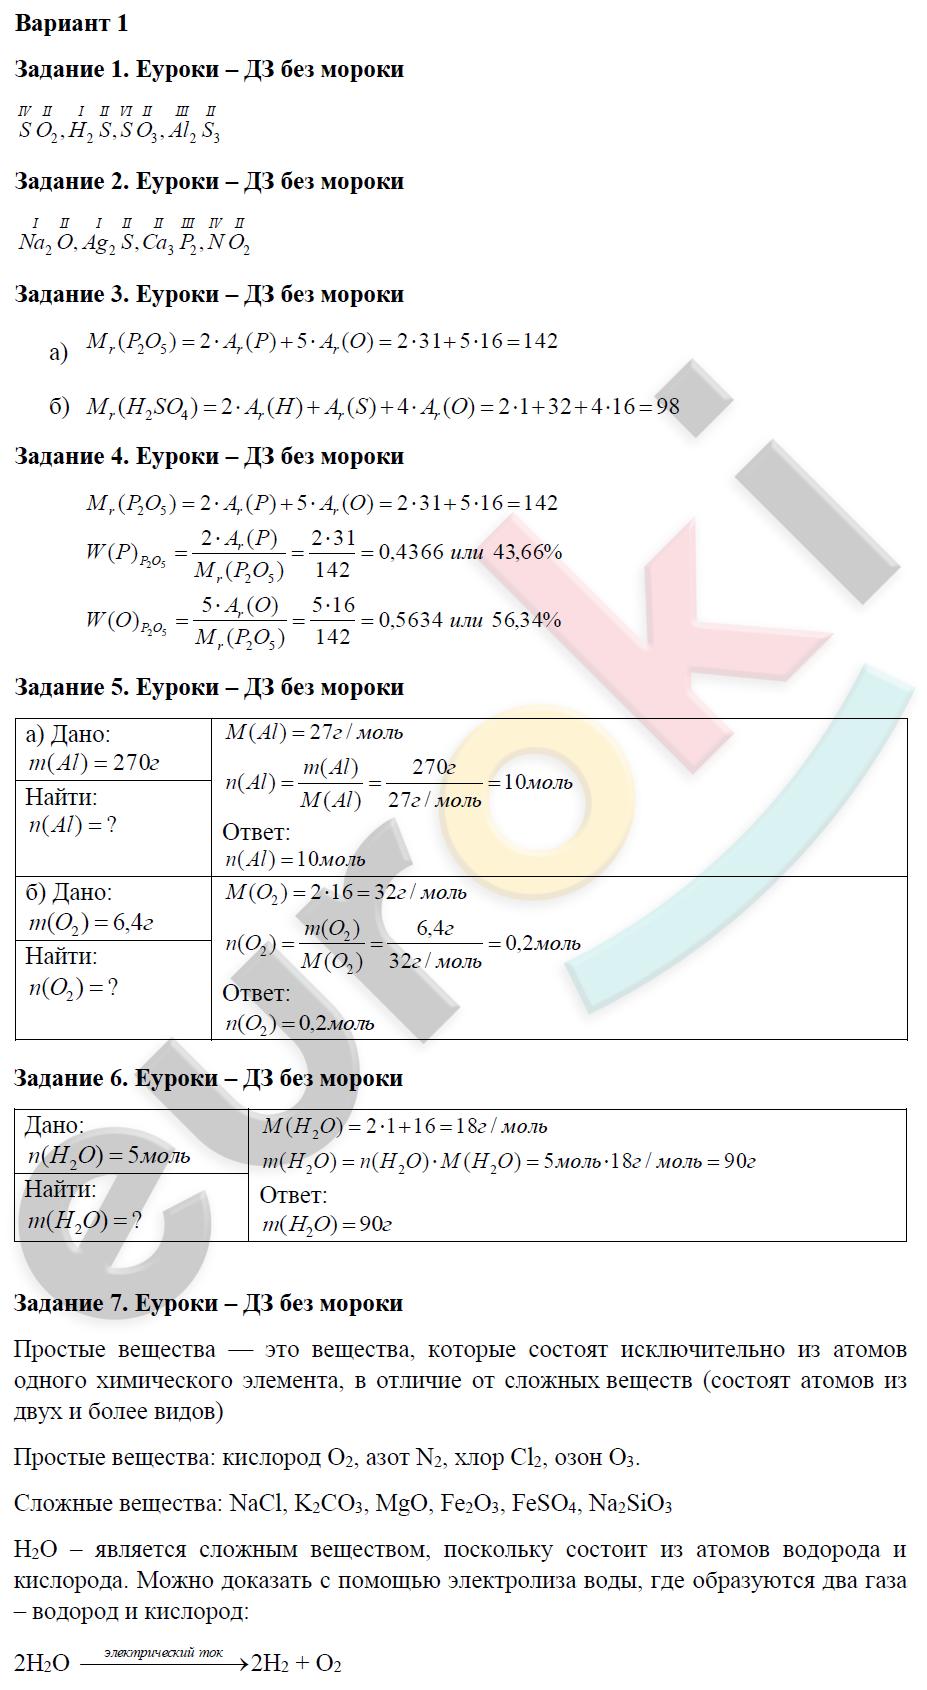 Решение задач в задачнике по химии кузнецова помощь студенту чернигов